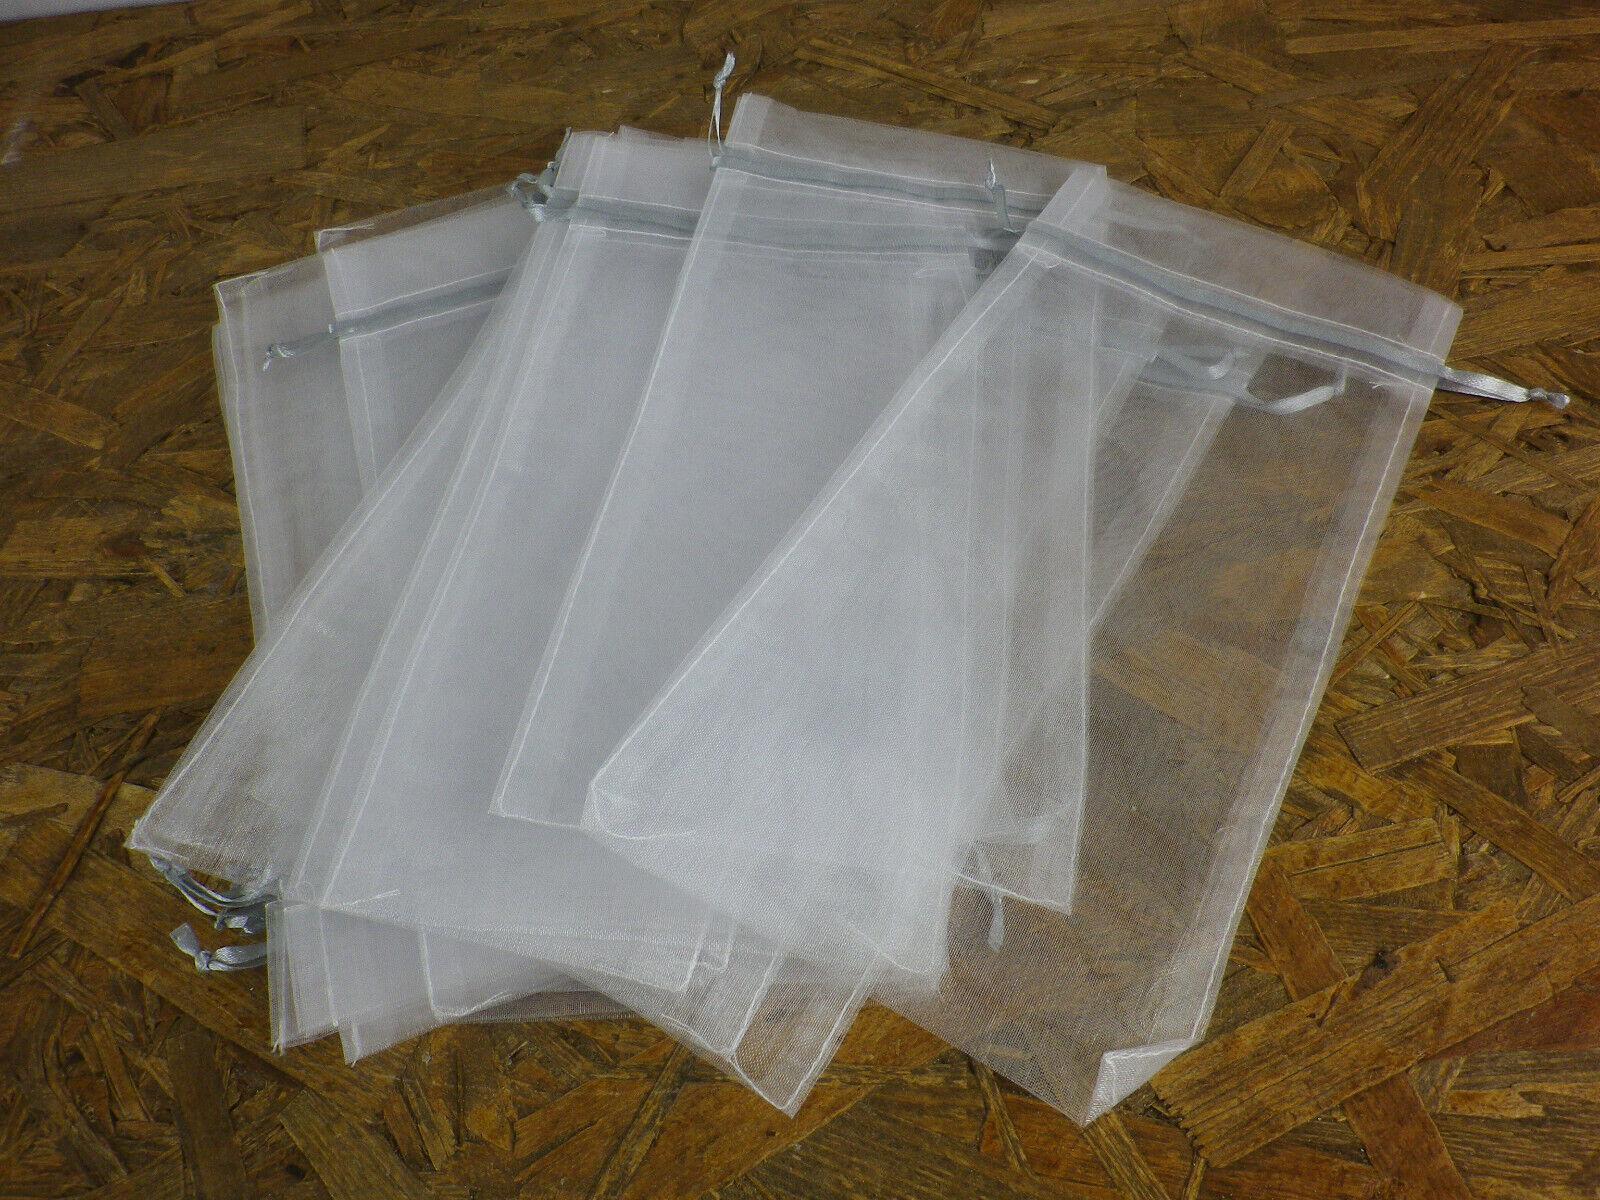 Duftbeutel Duftsäckchen Seifenbeutel Seifennetz 12x26 cm Tüte mit 20 Stück